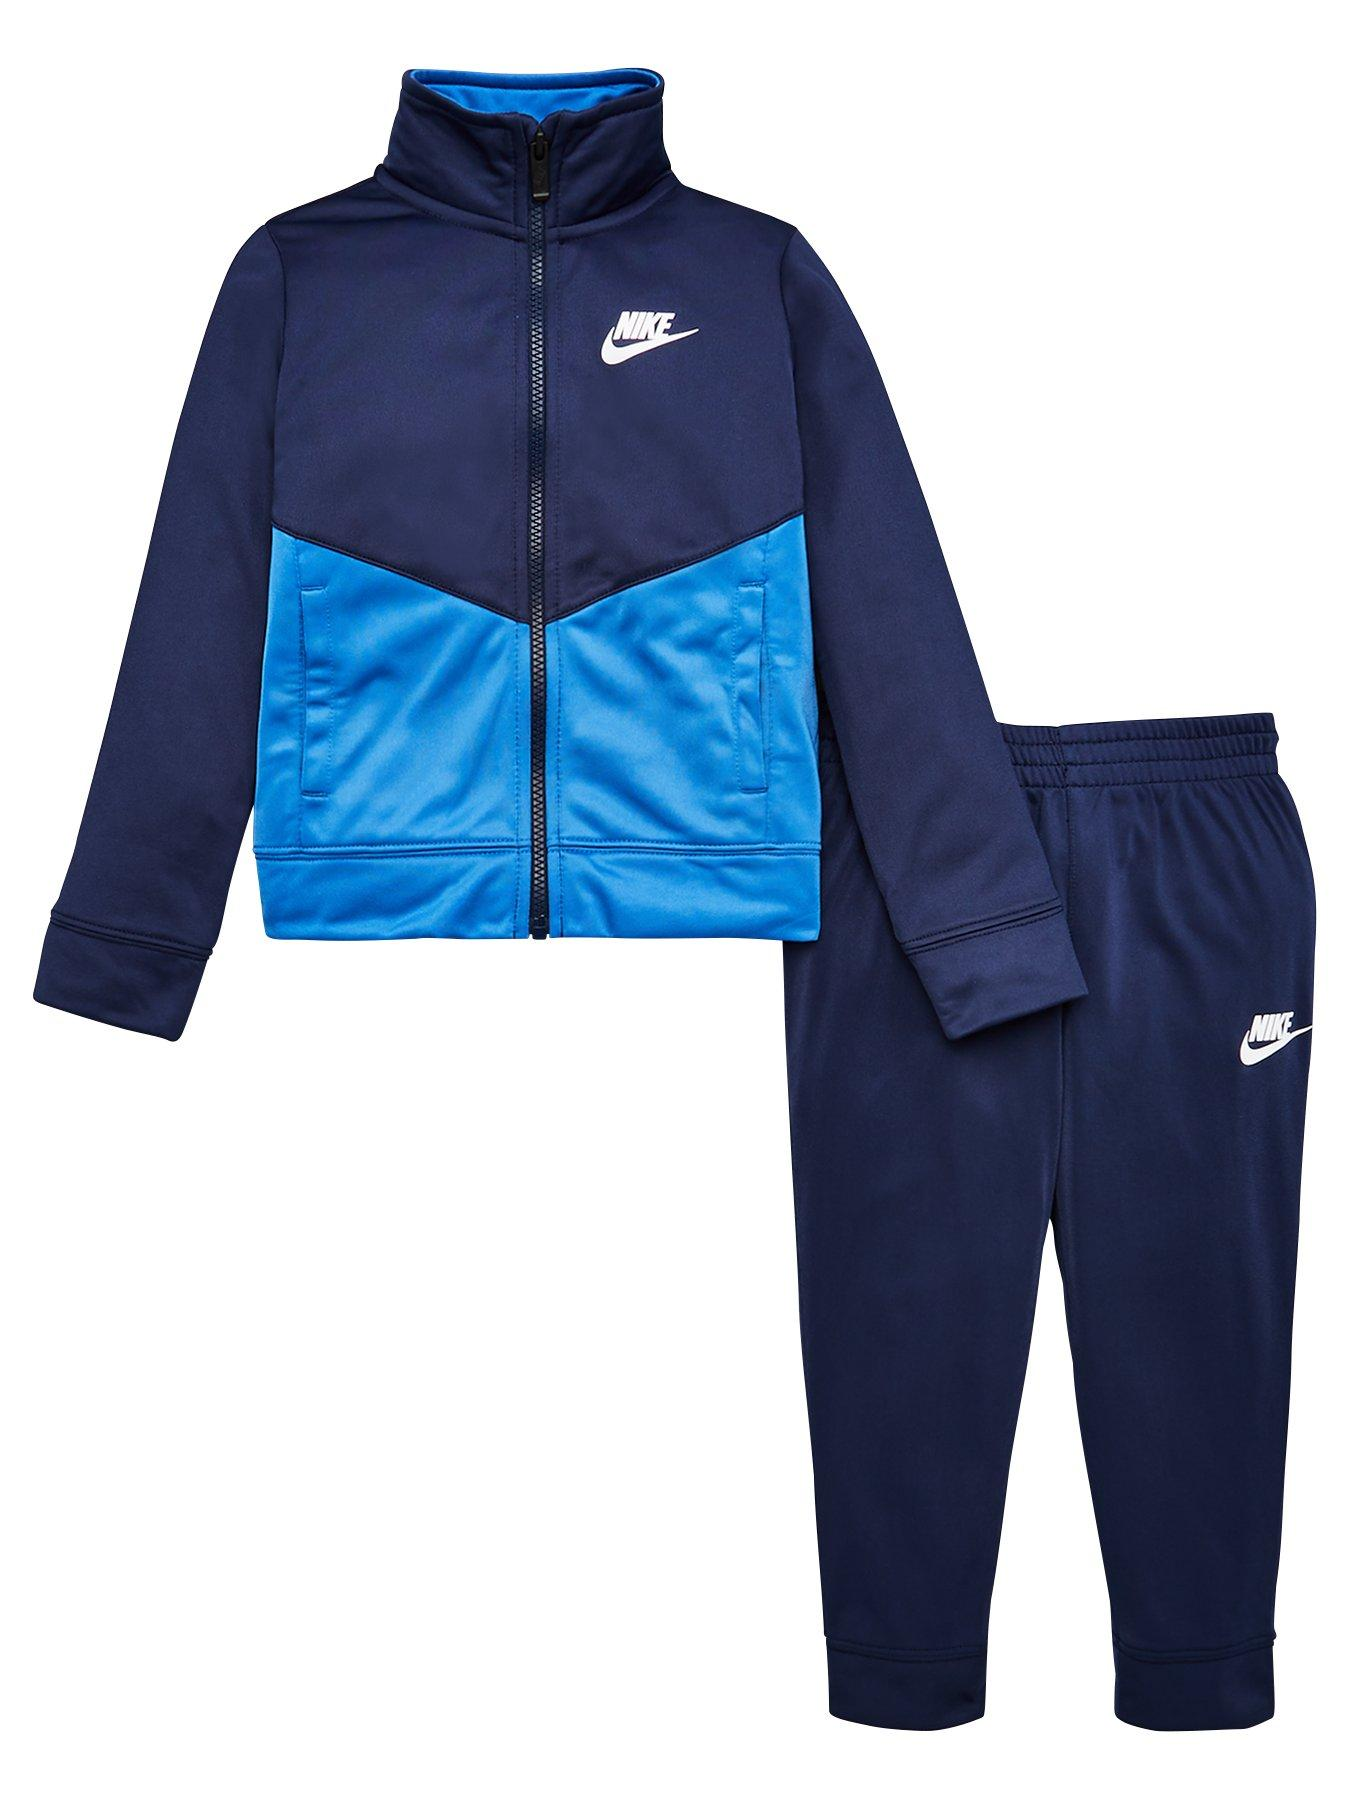 Nike Block Taping Tricot Set Laser Blue